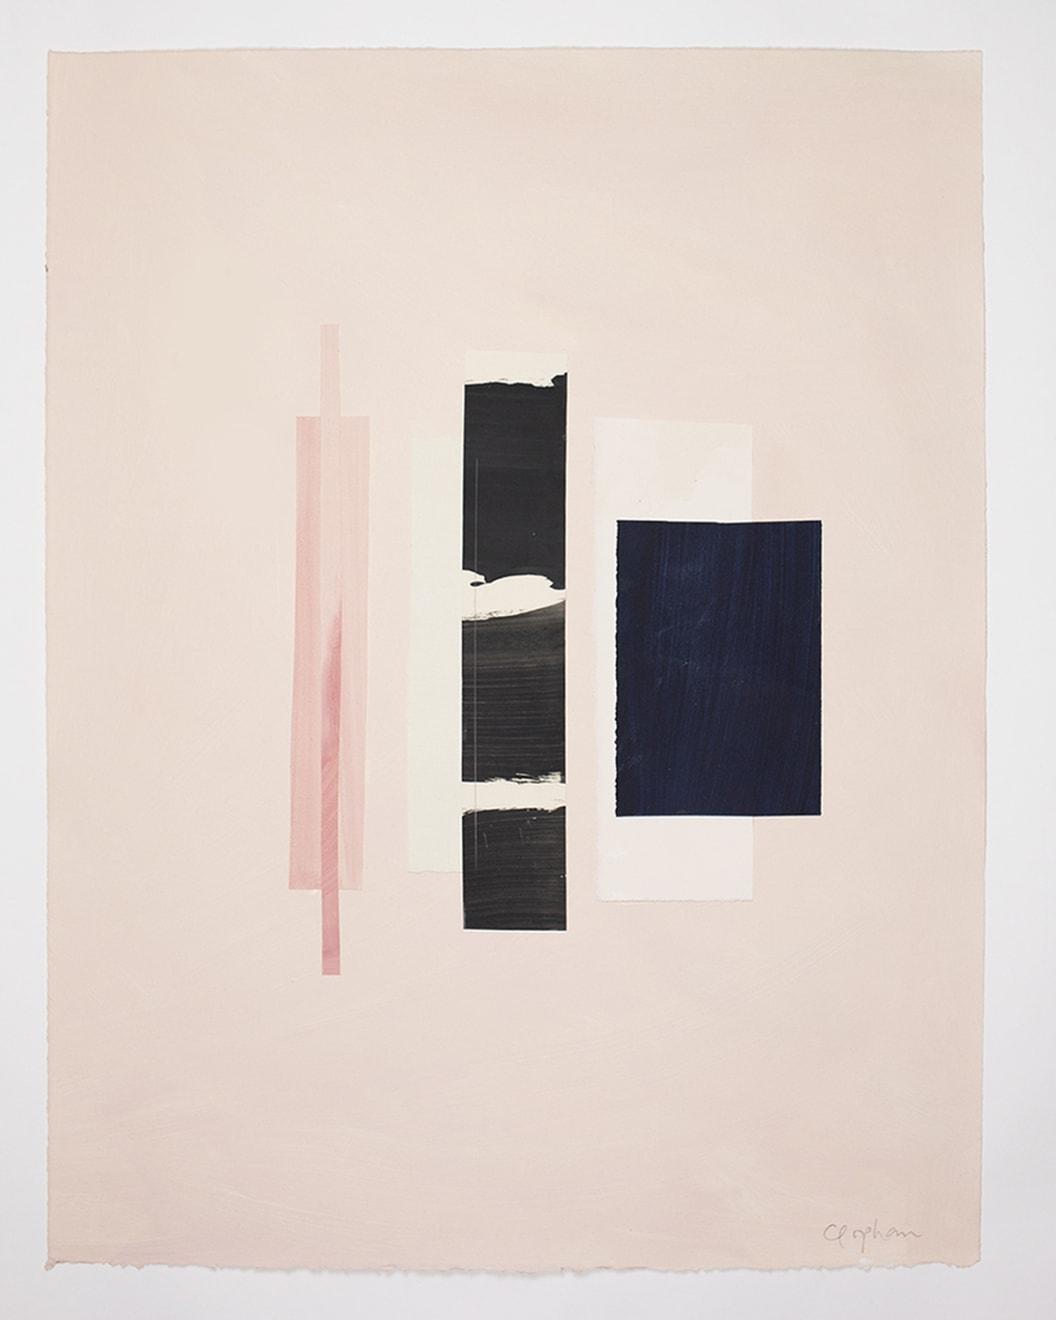 Caroline Popham, Untitled 20-09, 2020